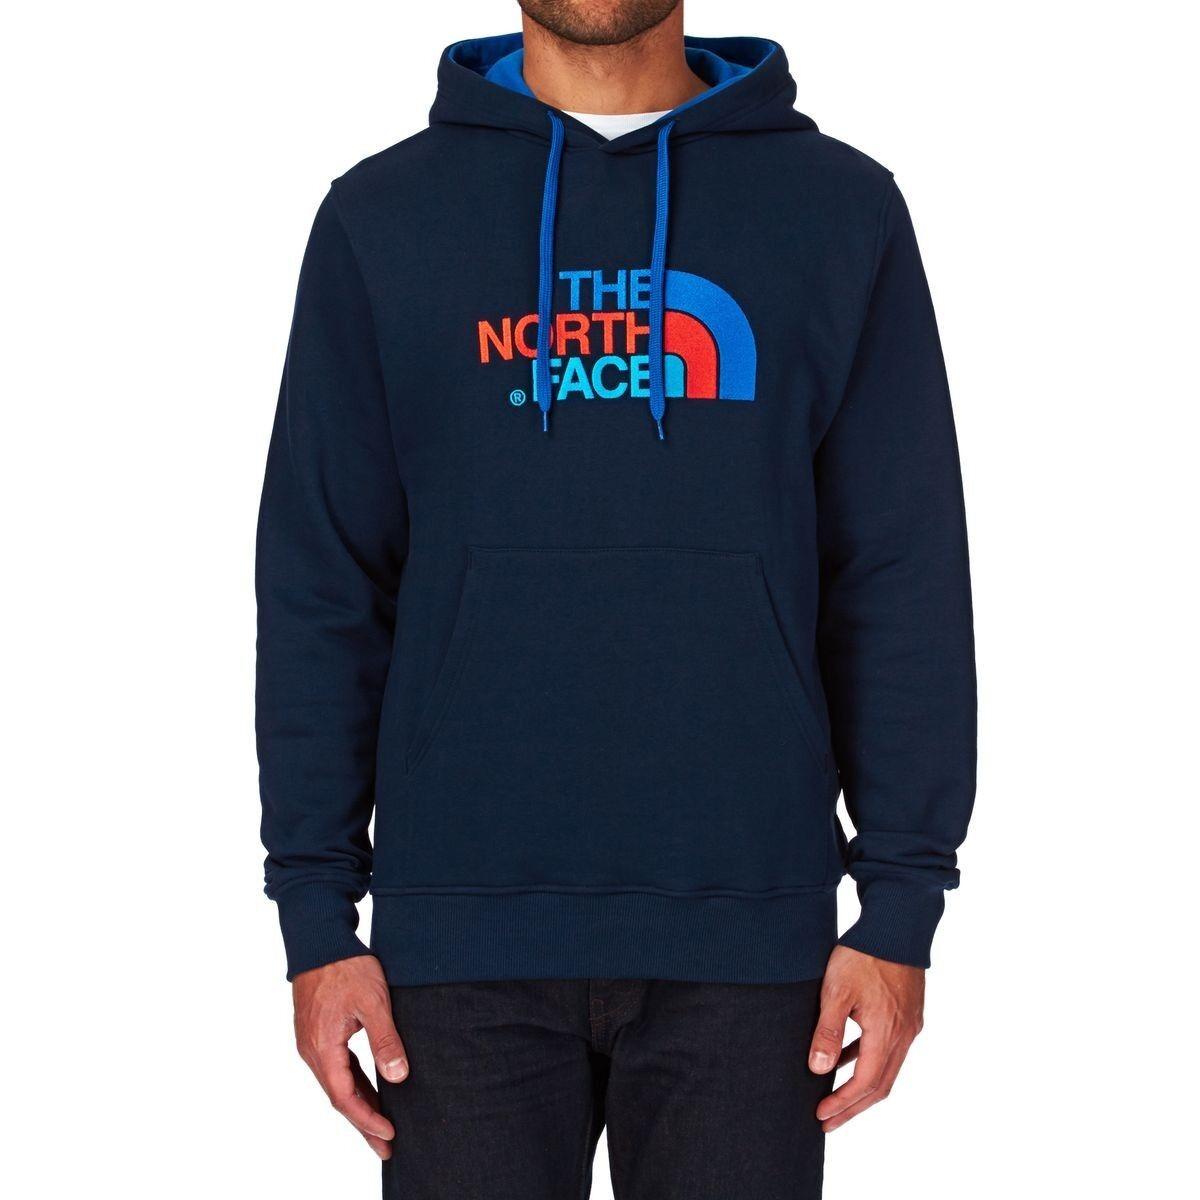 Felpa The North Face Drew Peak Pullover Hoddie Größe S Cosmic Blau Snorkel Blau